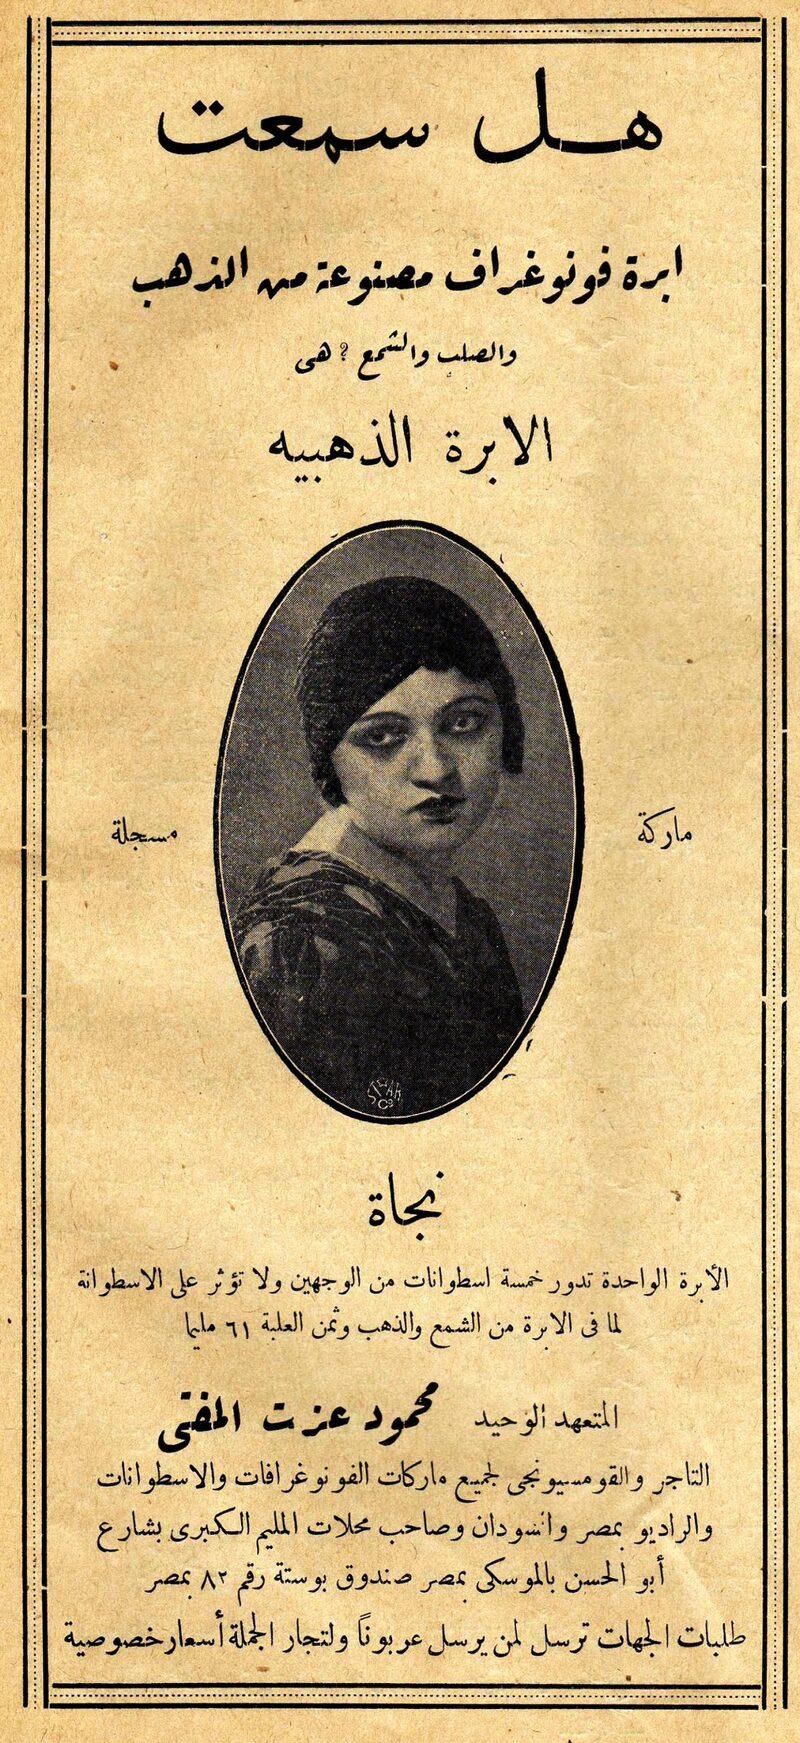 نجاة علي، الحقوق محفوظة أرشيف محمود الزيباوي